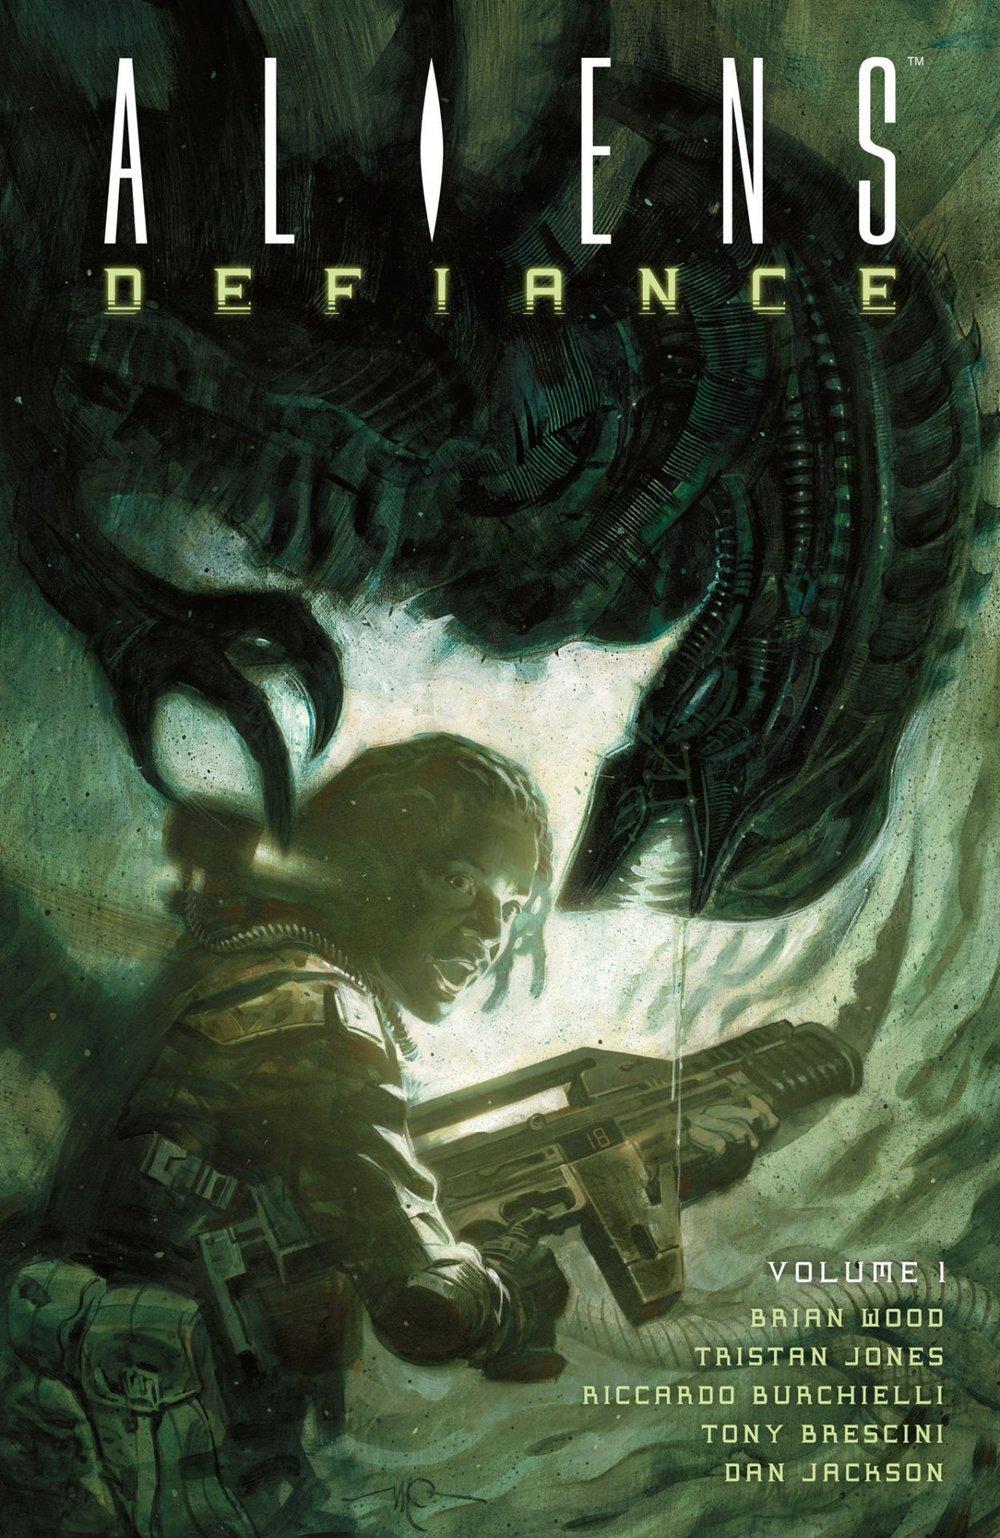 aliens defiance_brian wood.jpg